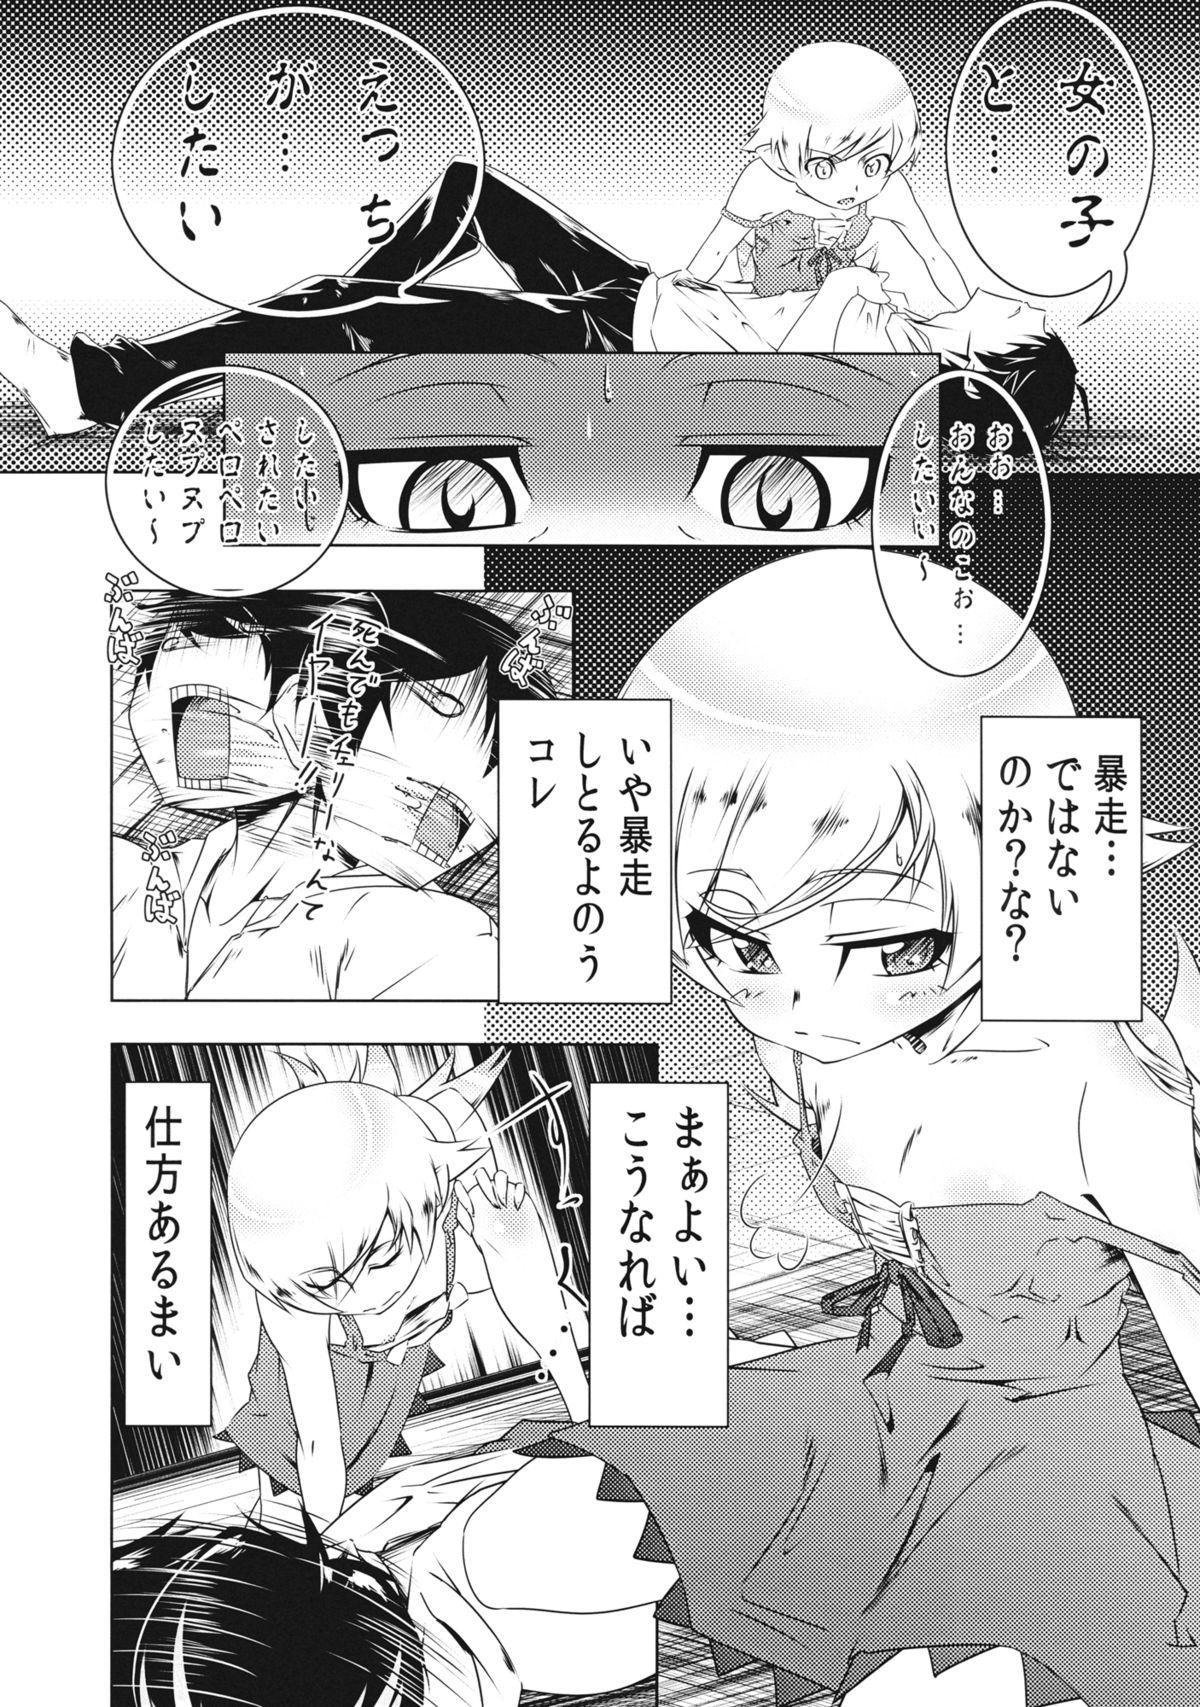 Zokumonogatari 3